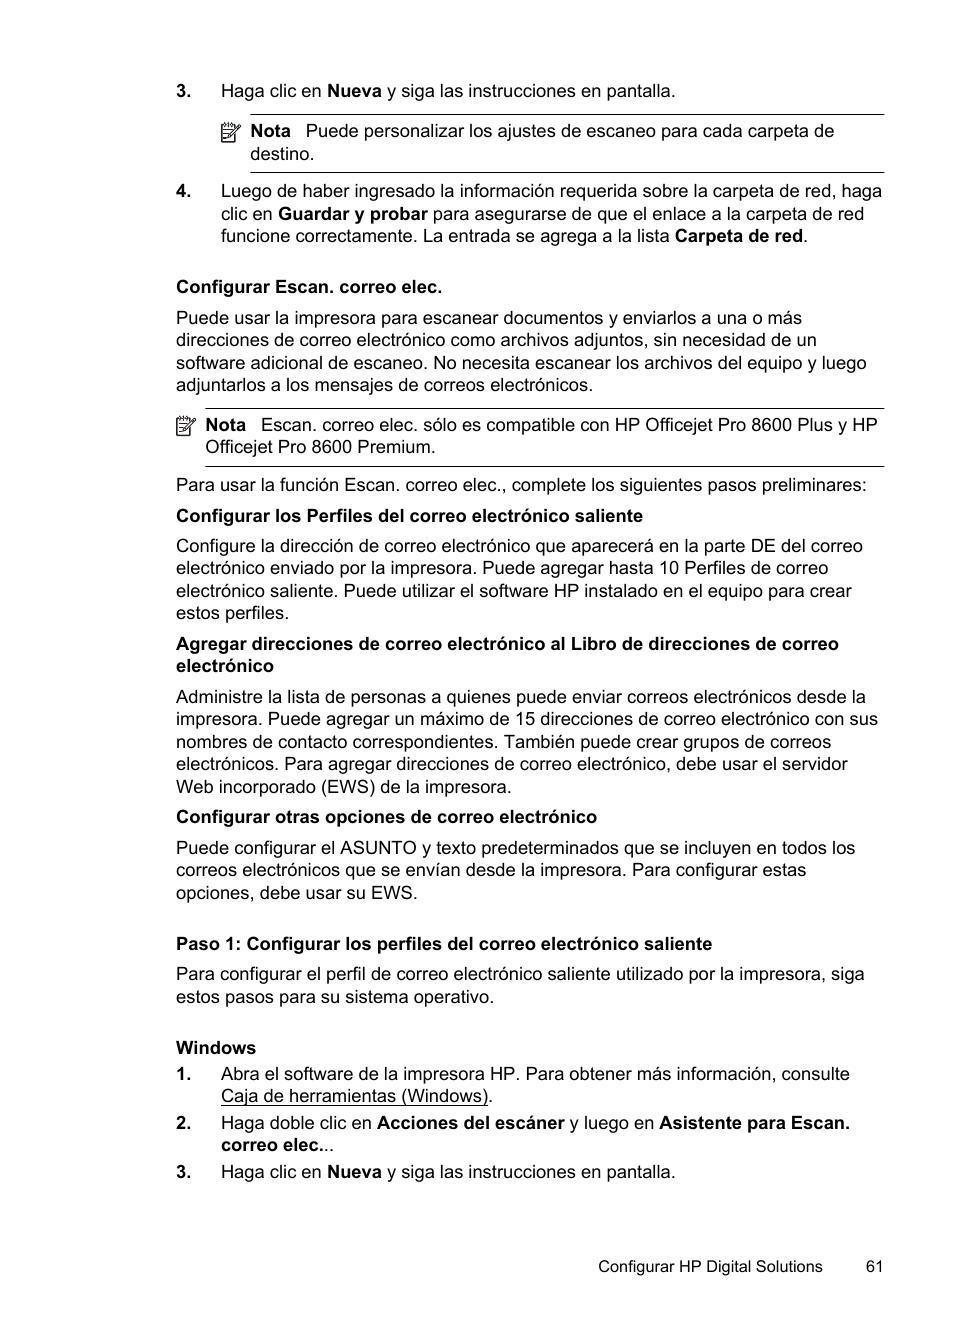 Configurar escan. correo elec | HP Officejet Pro 8600 Manual del usuario |  Página 65 / 276